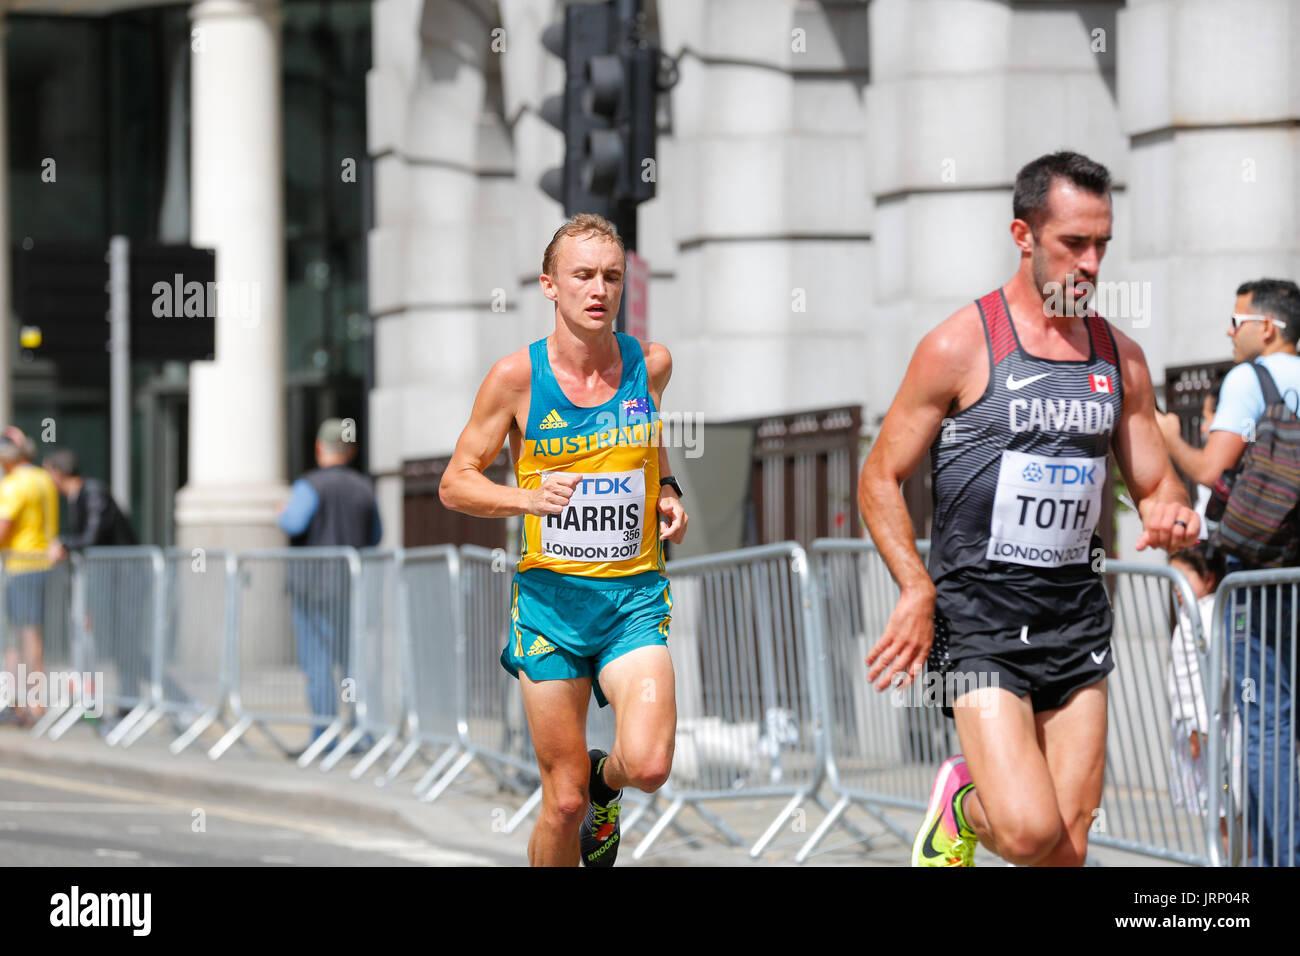 Stratford, Londra, Regno Unito. 6 agosto 2017. Mondo di atletica leggera IAAF campionato nel campionato del mondo marathon domenica di agosto. corridori provenienti da tutto il mondo si stanno svolgendo in iaaf maratona di Londra. Inghilterra ancora una volta di essere nel centro di classe mondiale evento sportivo. Europa, Inghilterra, london Stratford villaggio olimpico evento sportivo 2017. mo farah ultima gara. mens maratona iaaf 2017 Londra August 6th. Foto Stock